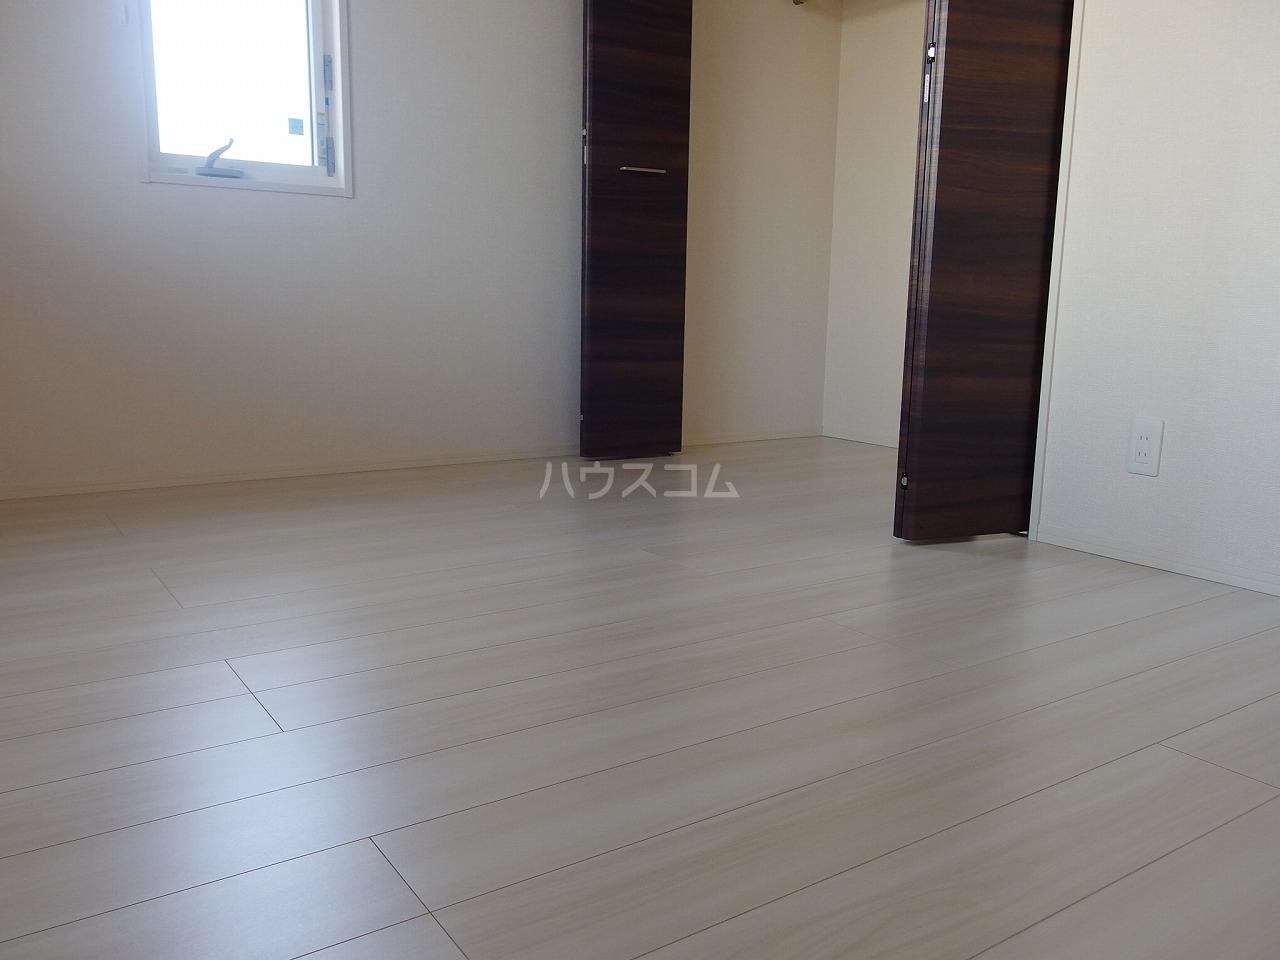 グランメール 103号室の居室